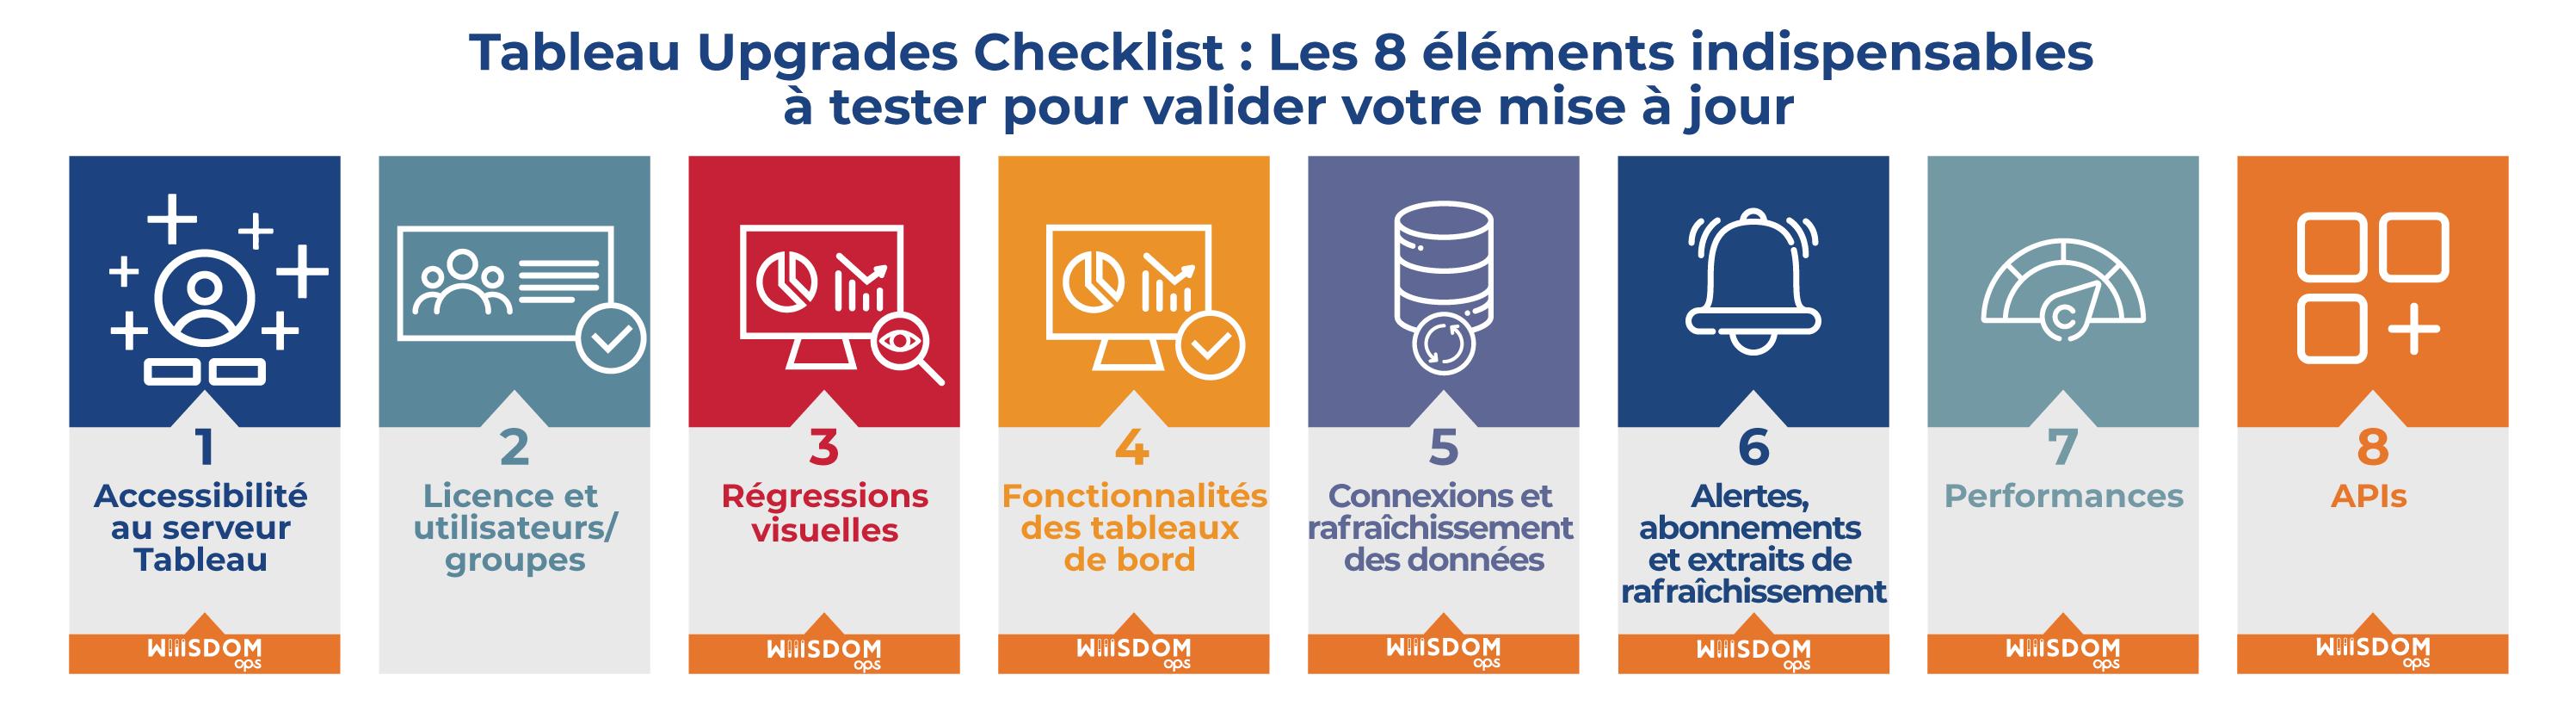 infographie-tableau-upgrade-checklist